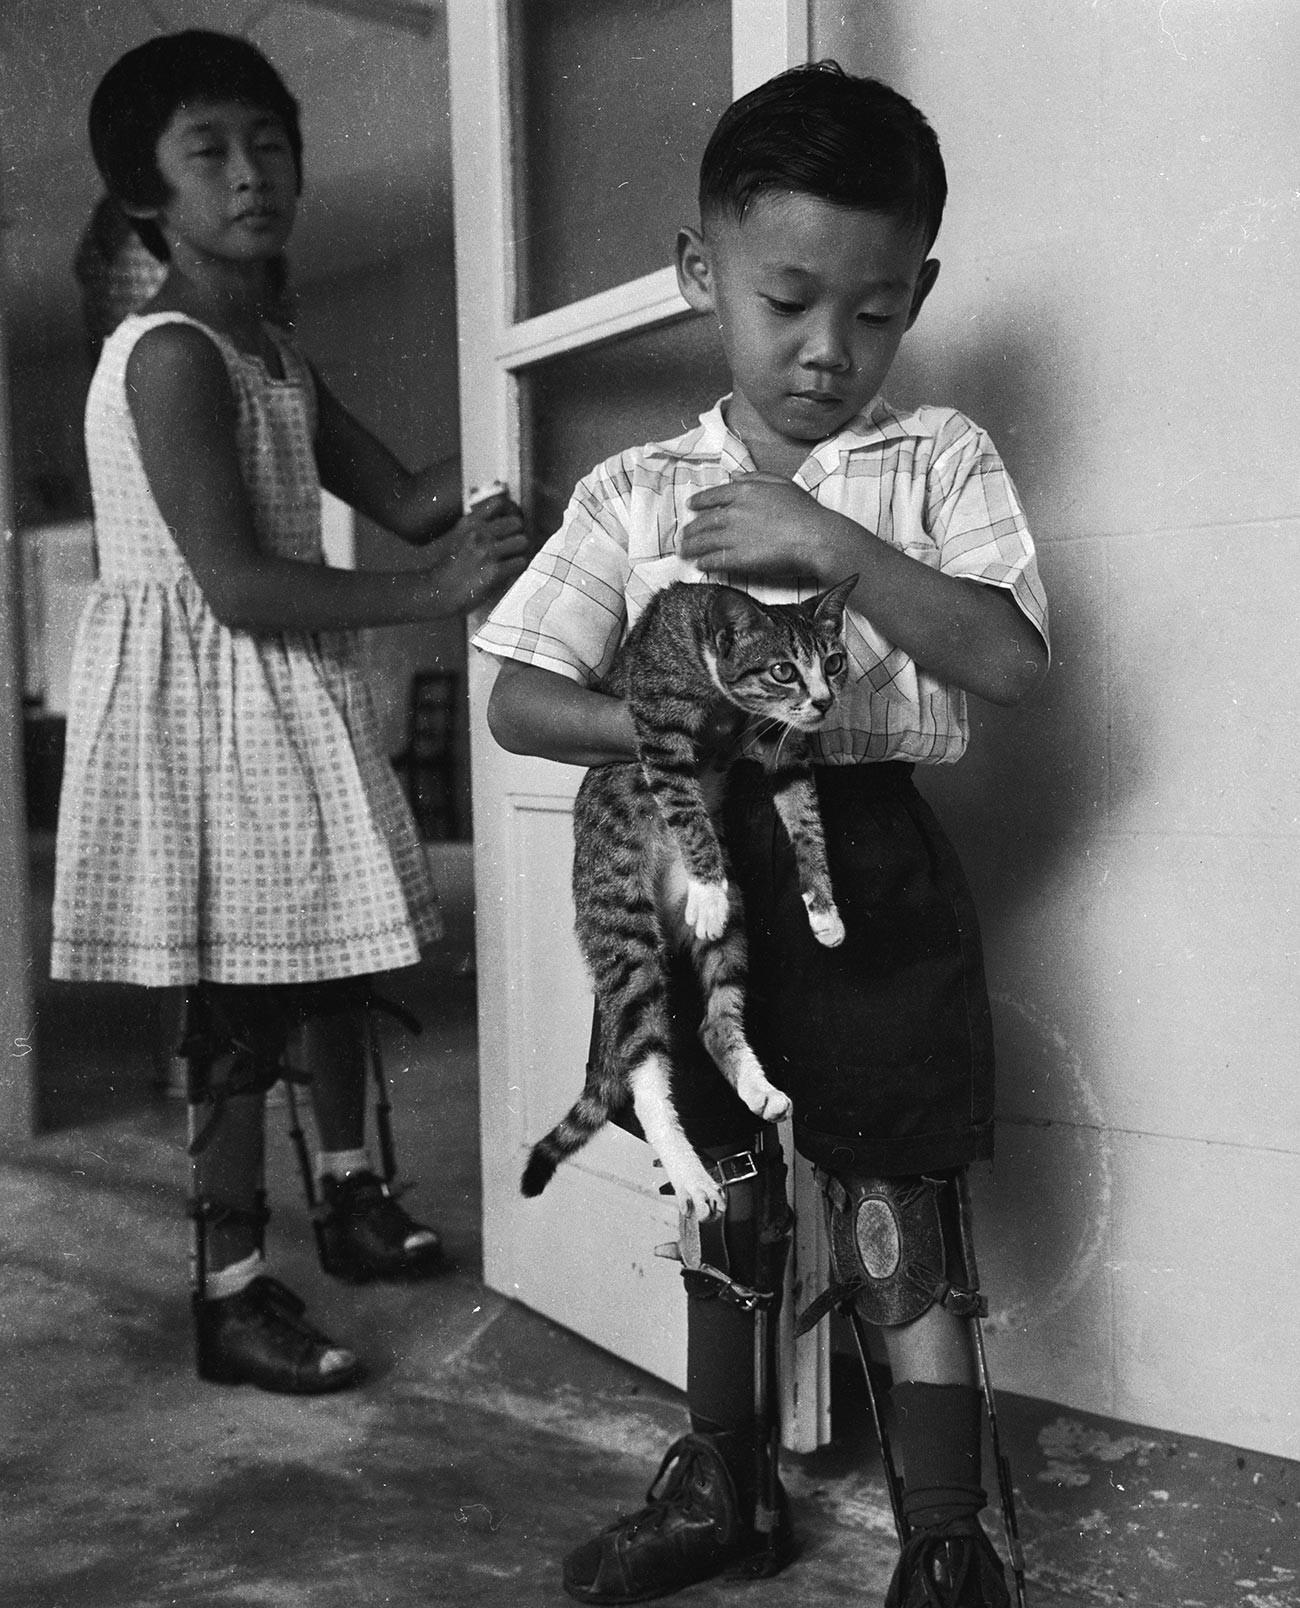 Garoto com aparelho ortopédico, vítima de poliomielite